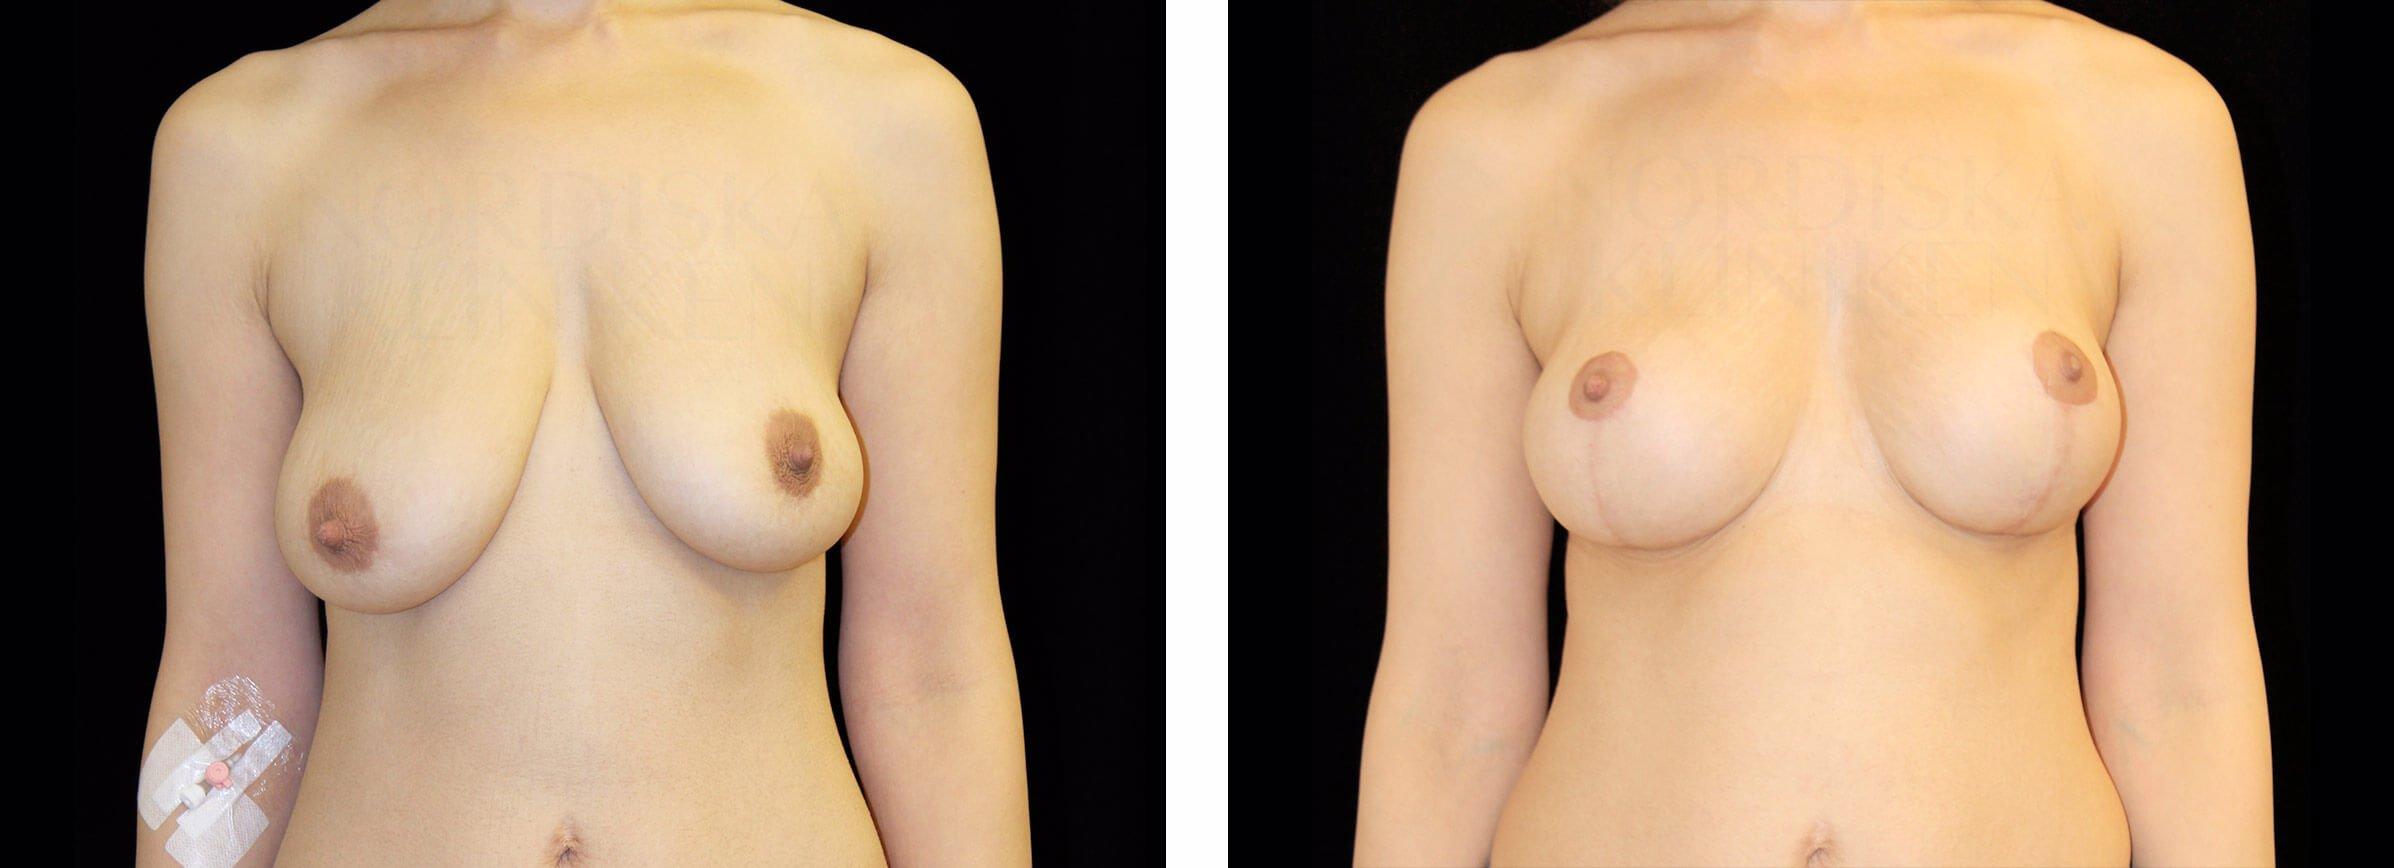 2018 sexarbetare små bröst nära Stockholm